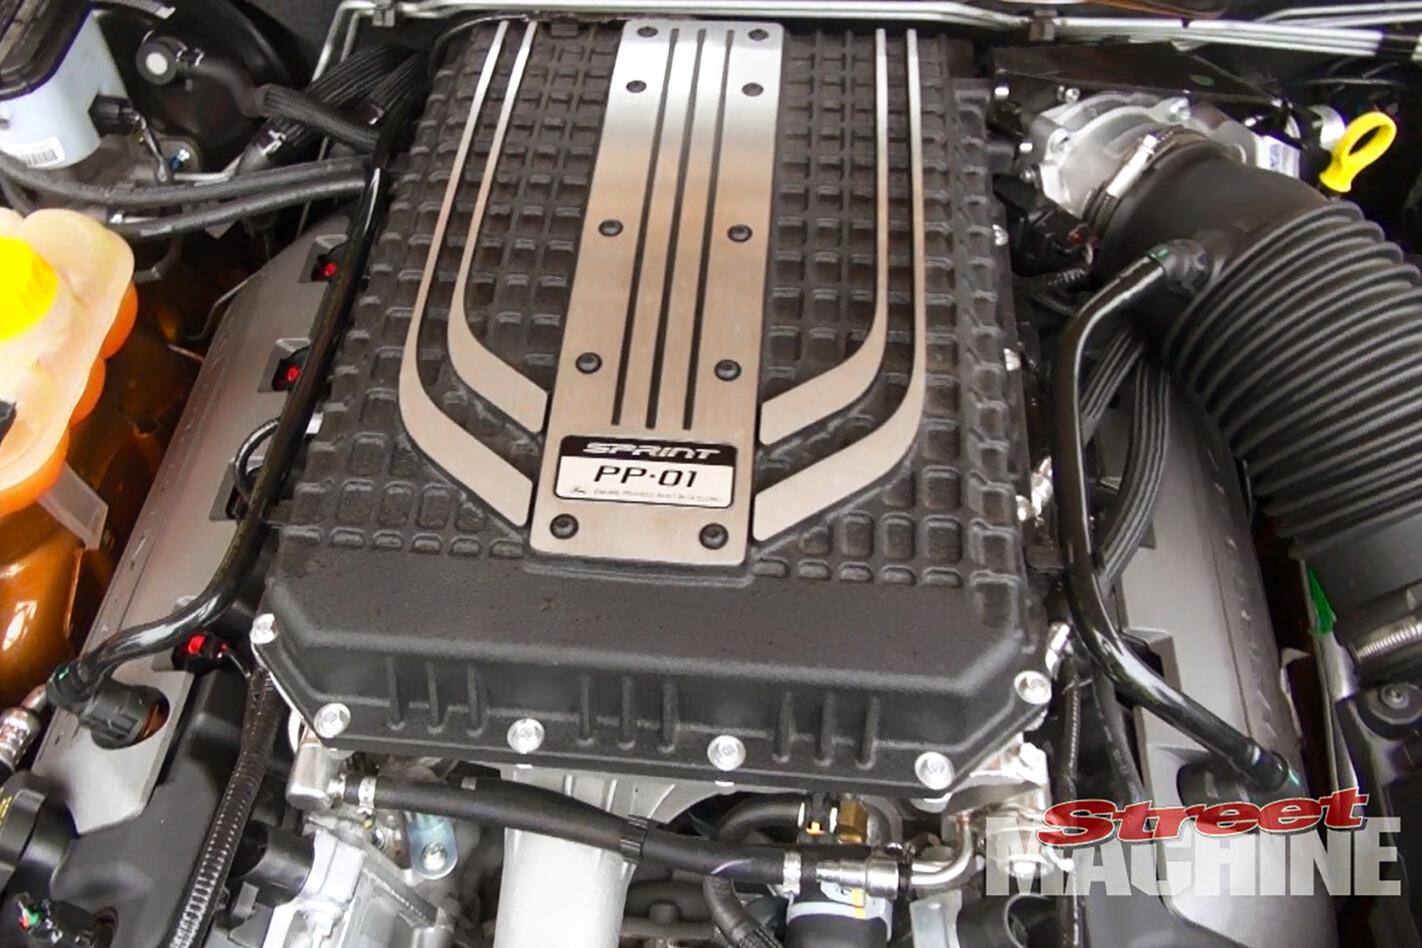 Falcon XR8 Sprint engine